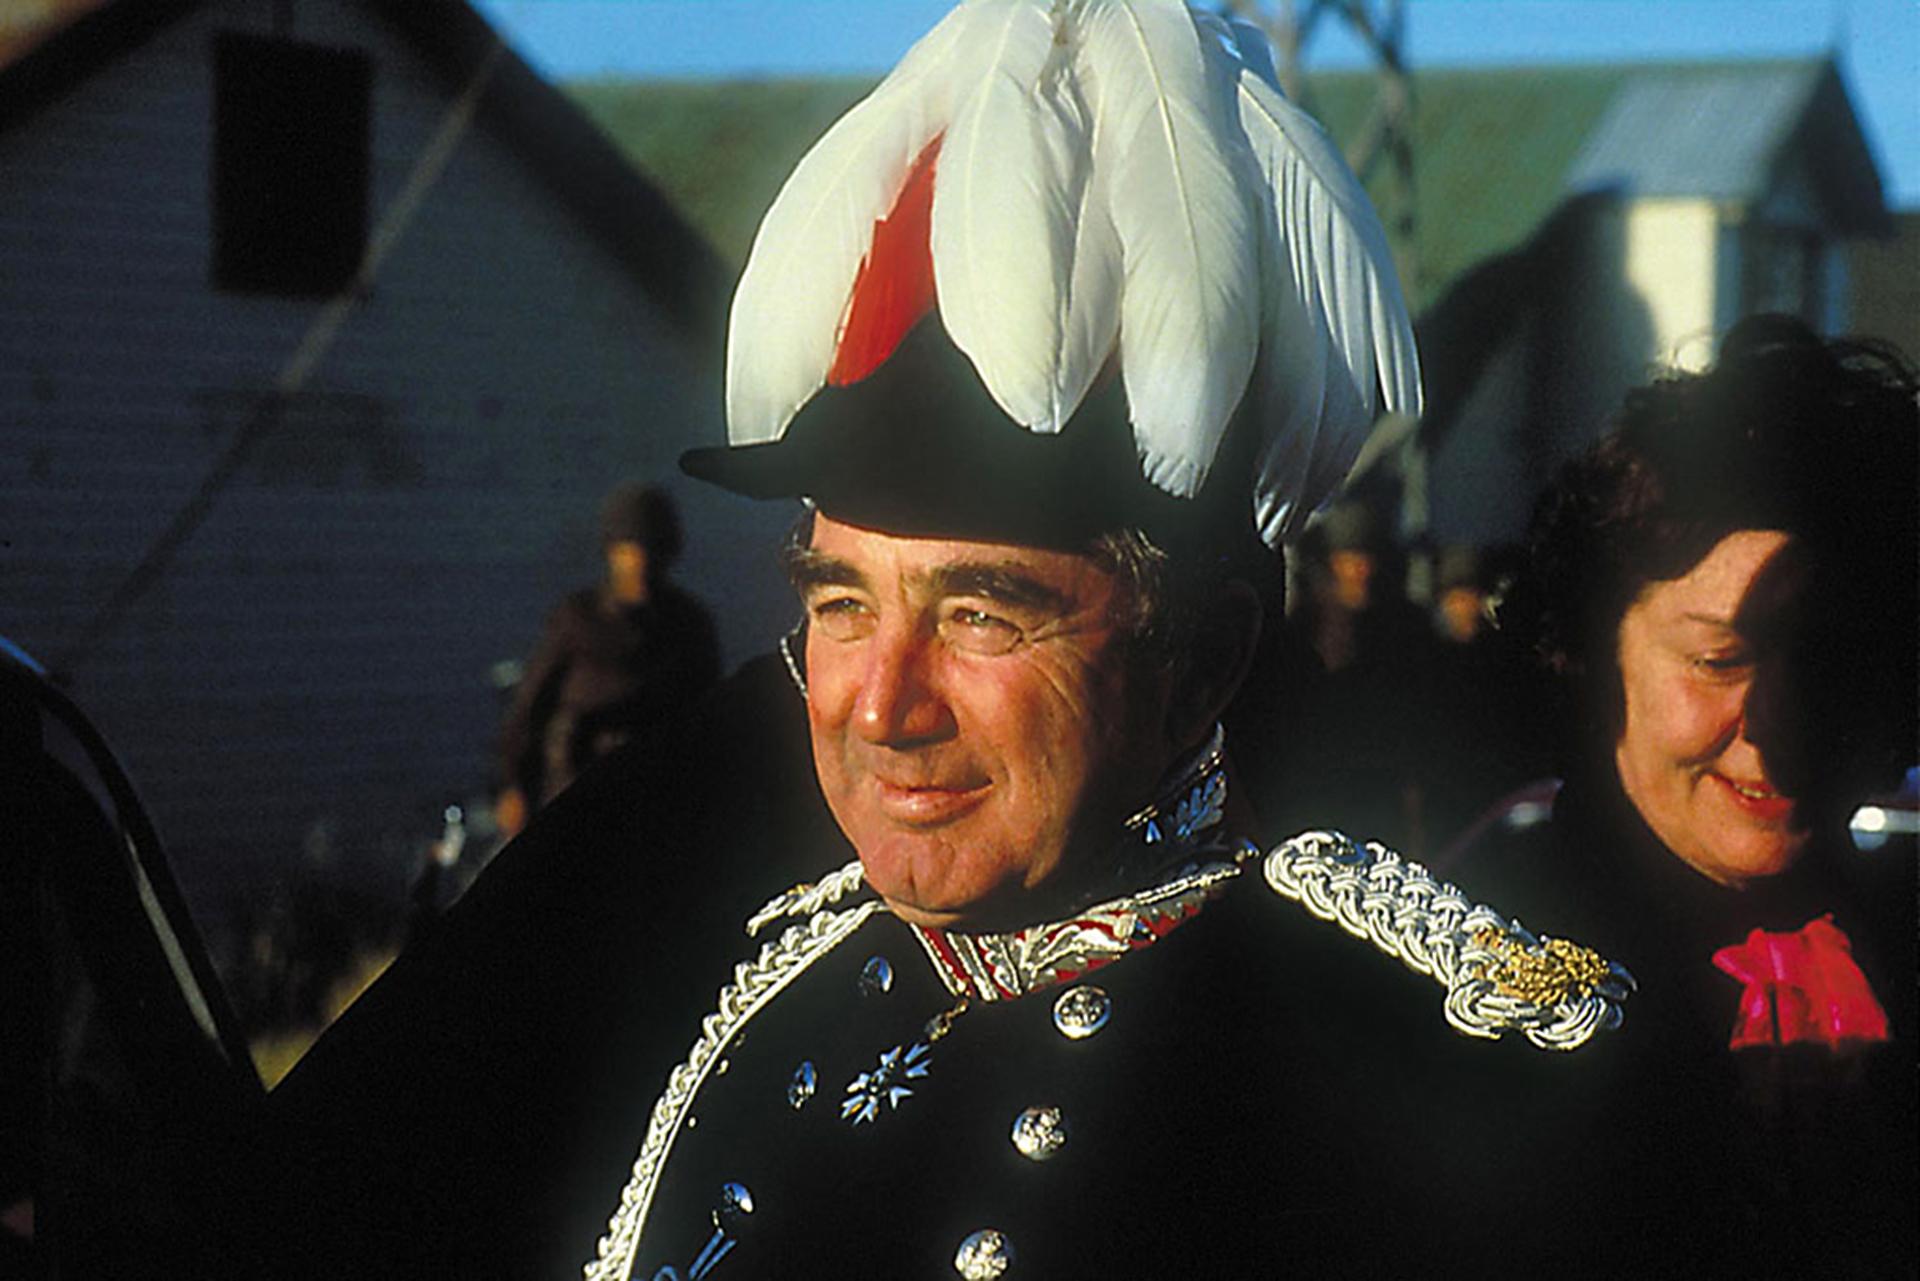 Un rato más tarde Sir Rex Hunt se viste con su traje de gala y se entrega a las tropas argentinas, a quienes les dice que el desembarco es ilegal. Ese mismo día es enviado a Montevideo y el 5 a la mañana llega a Londres, justo para dar un informe a los soldados que salían hacia el Sur